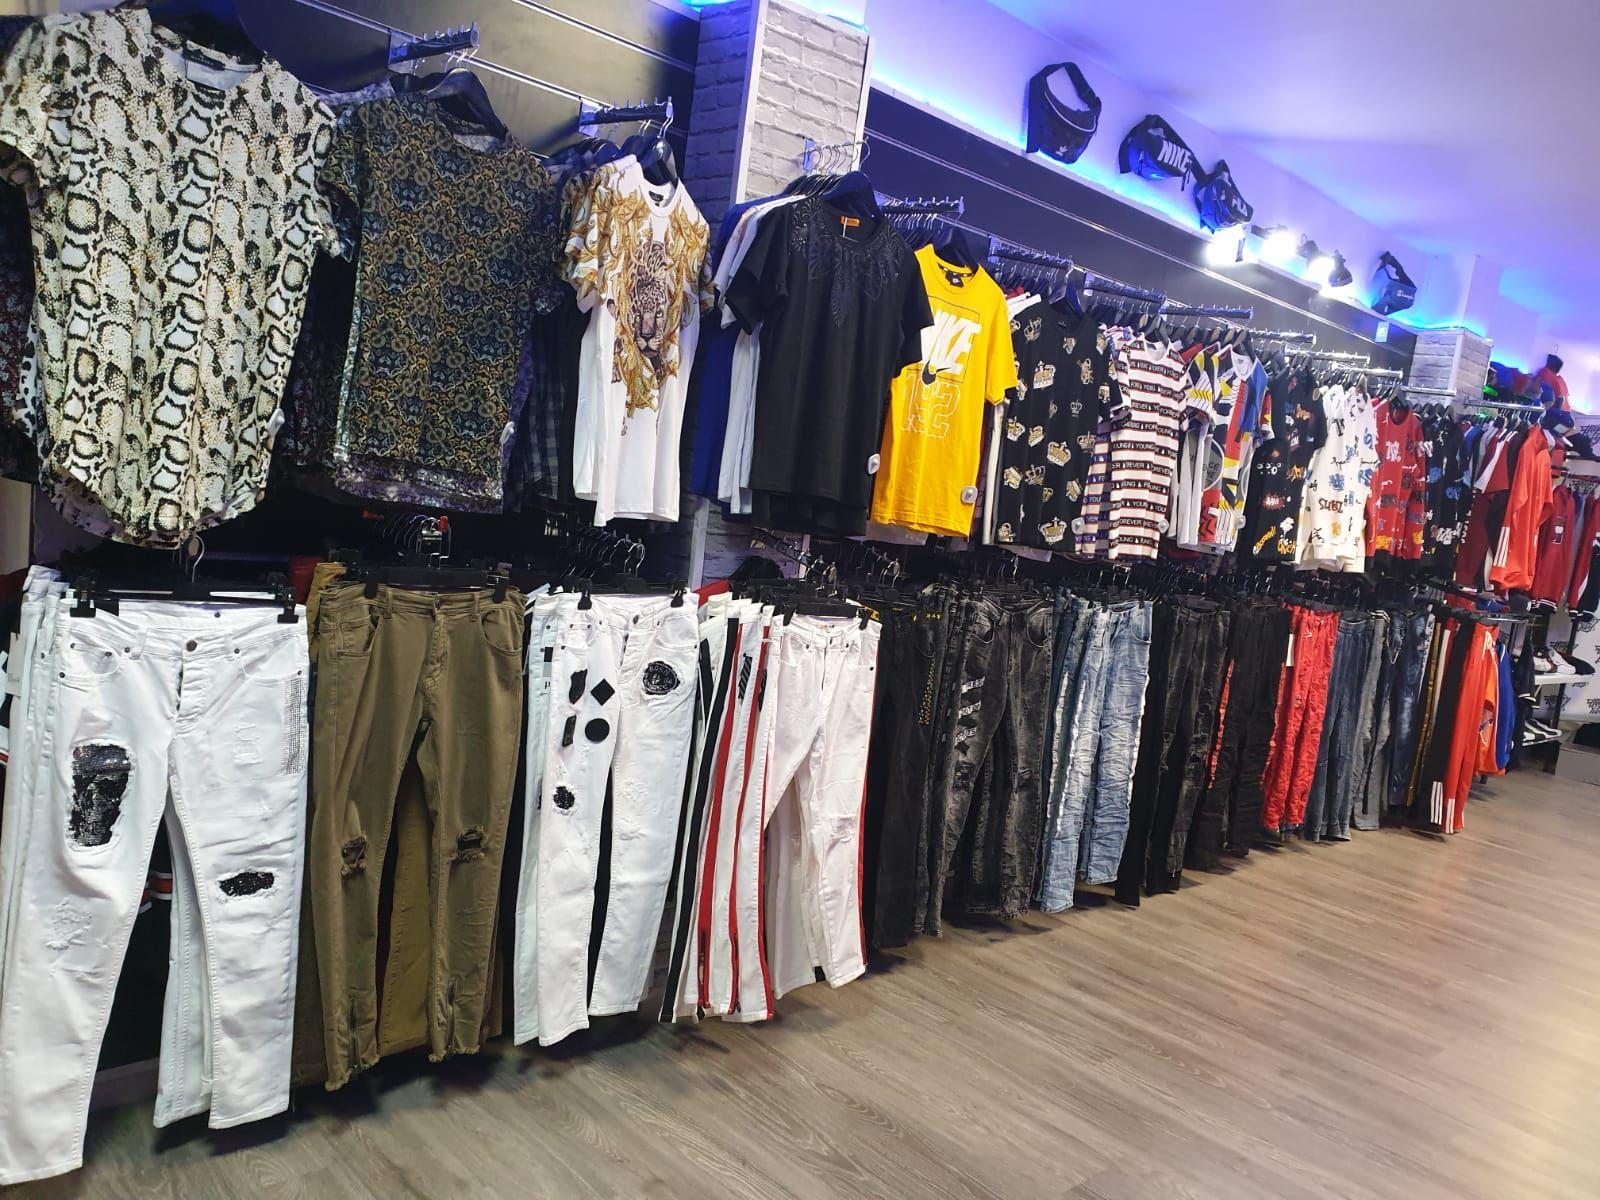 Tienda de ropa para hombre y mujer en Valladolid